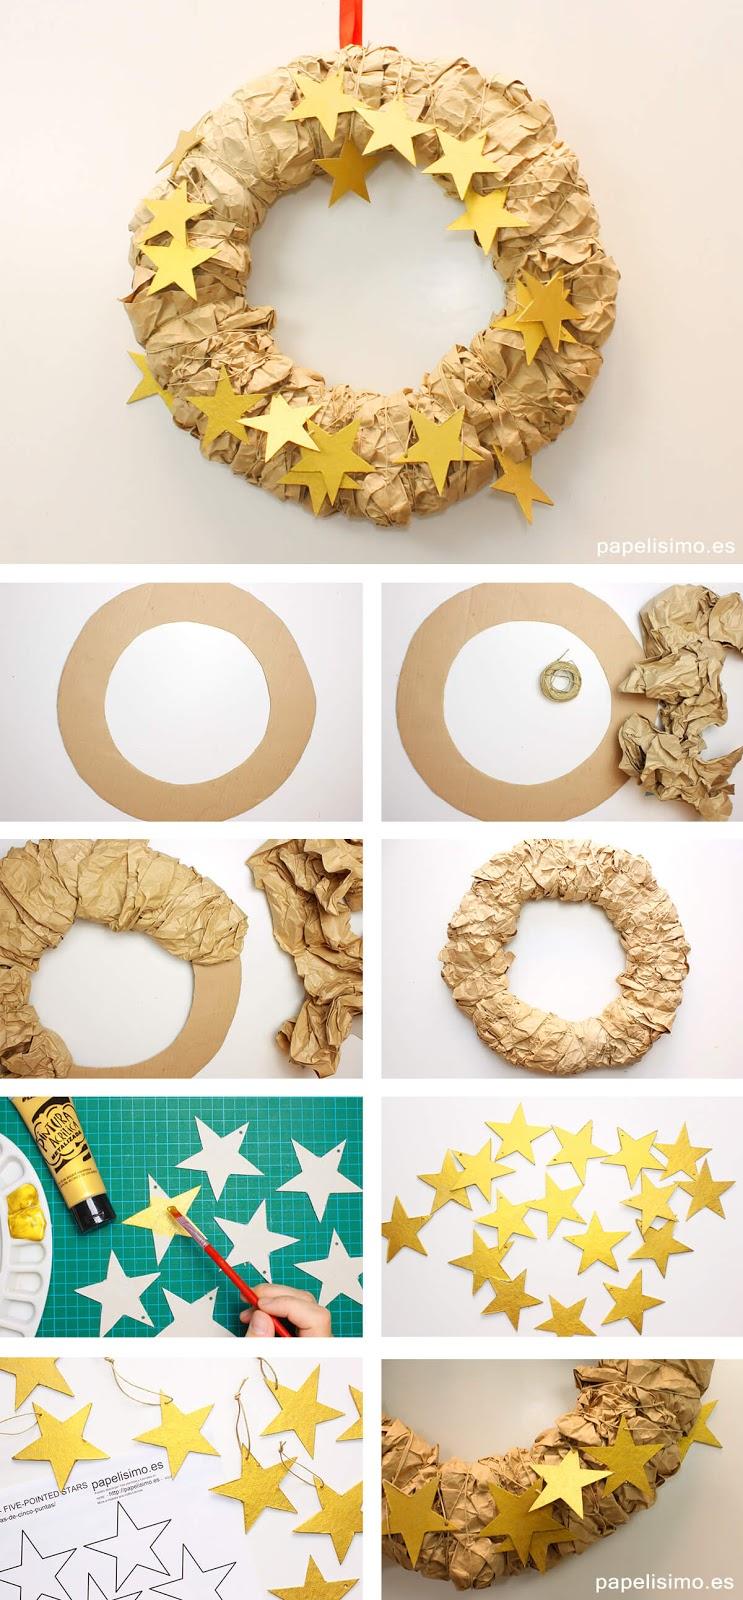 Guirlanda de Natal reciclada feita com papelão